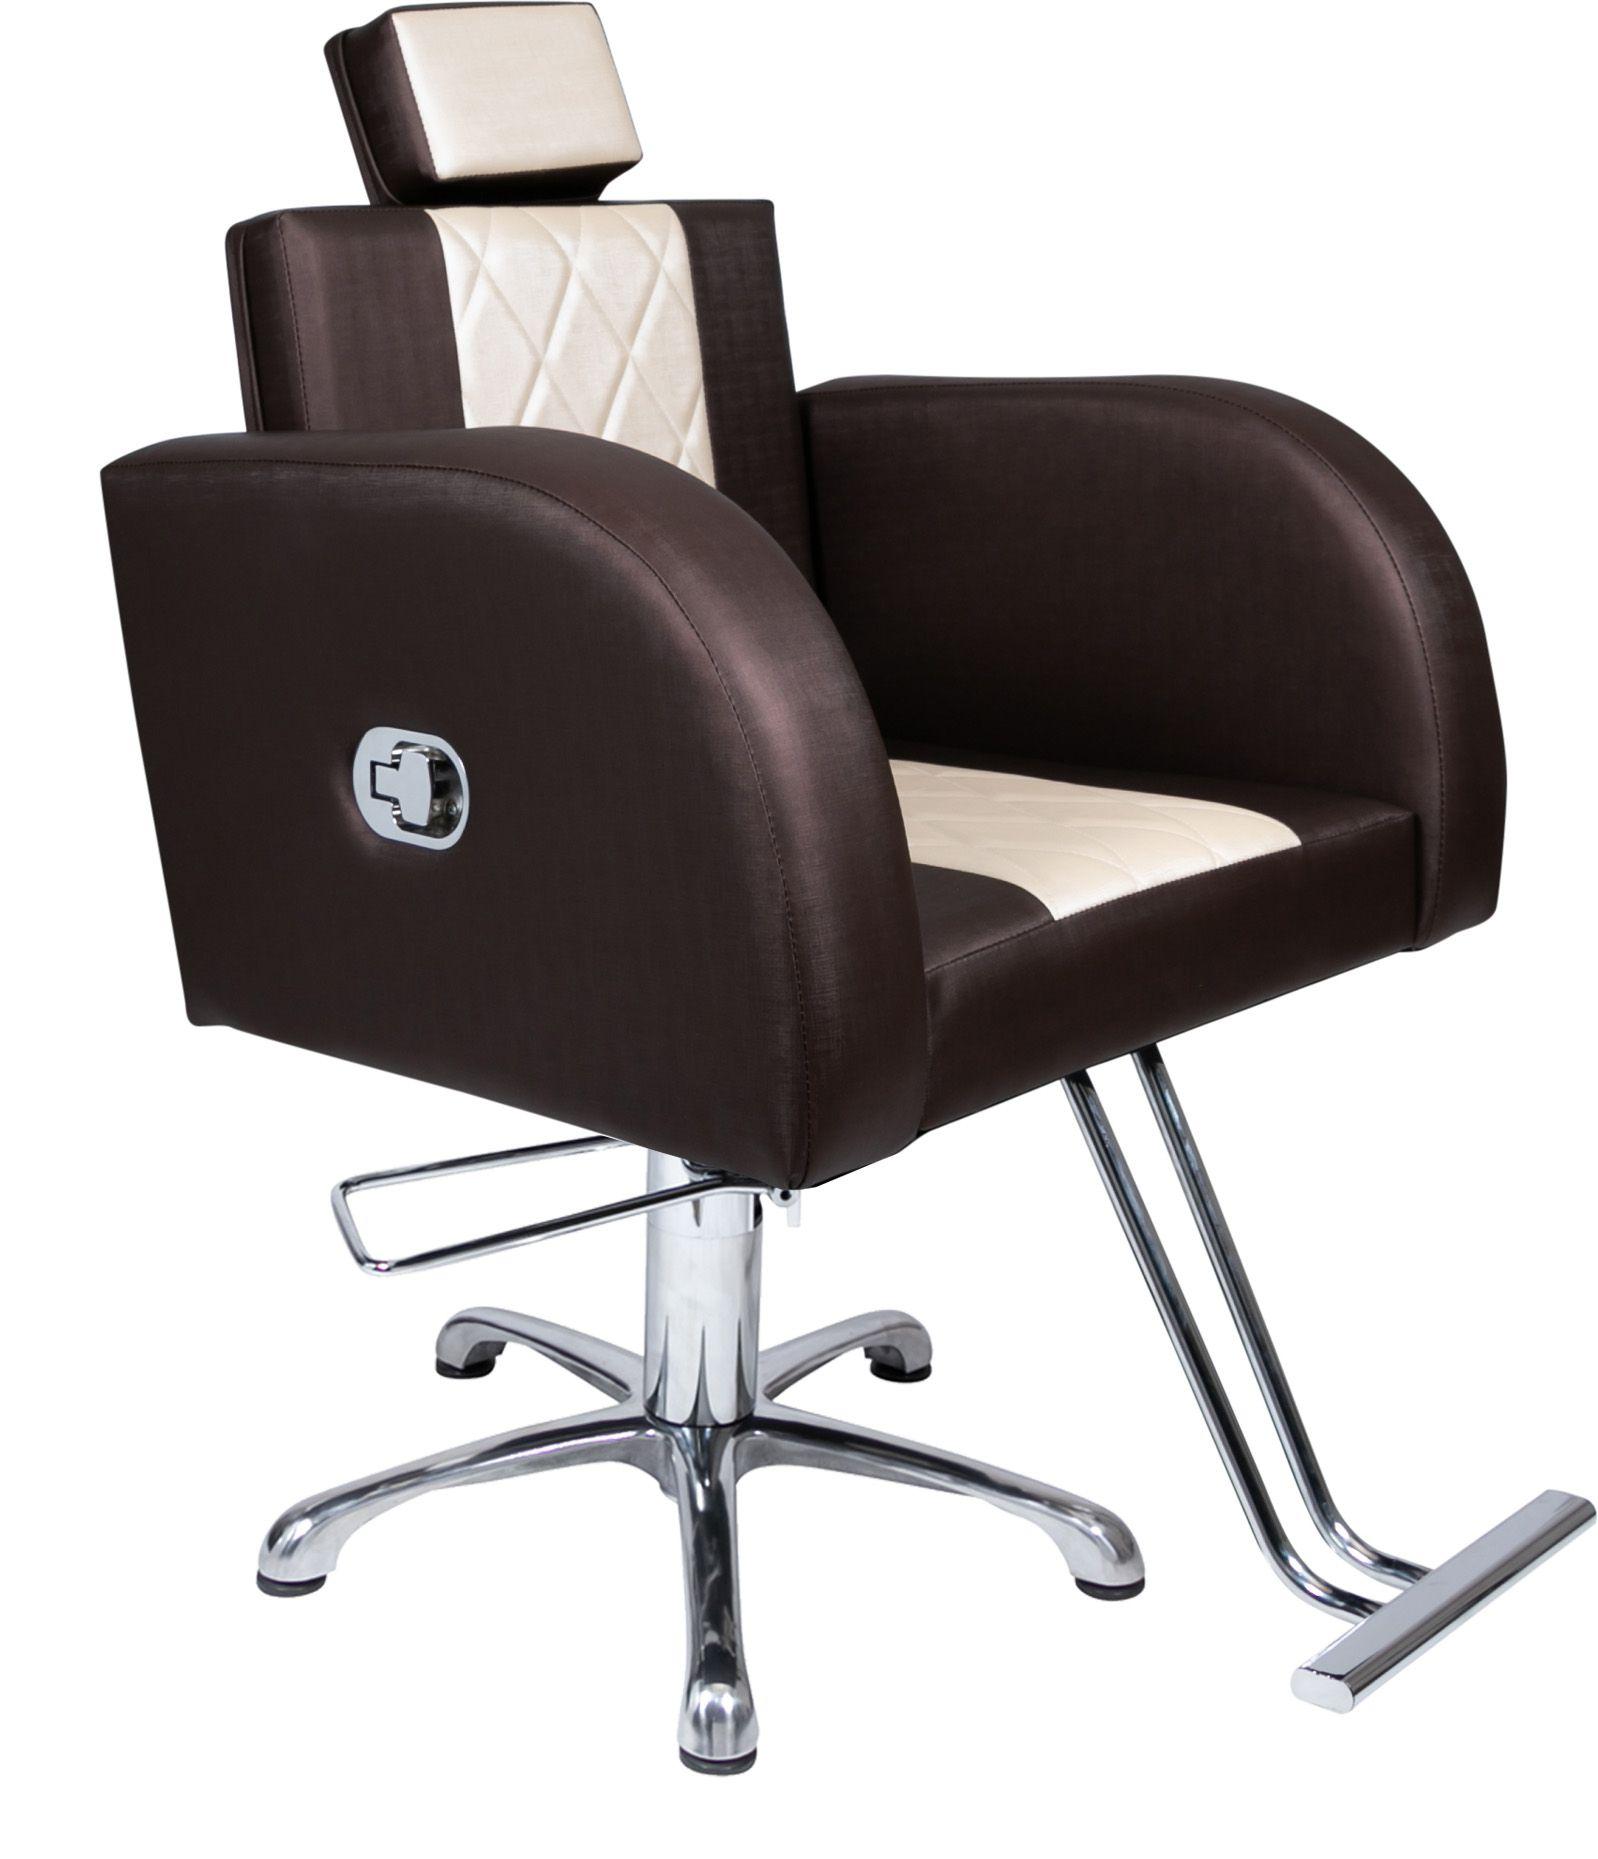 Lavatório Stilo Marrom/Bco - Cuba de FIBRA Branca + Cadeira Stilo Reclinavel